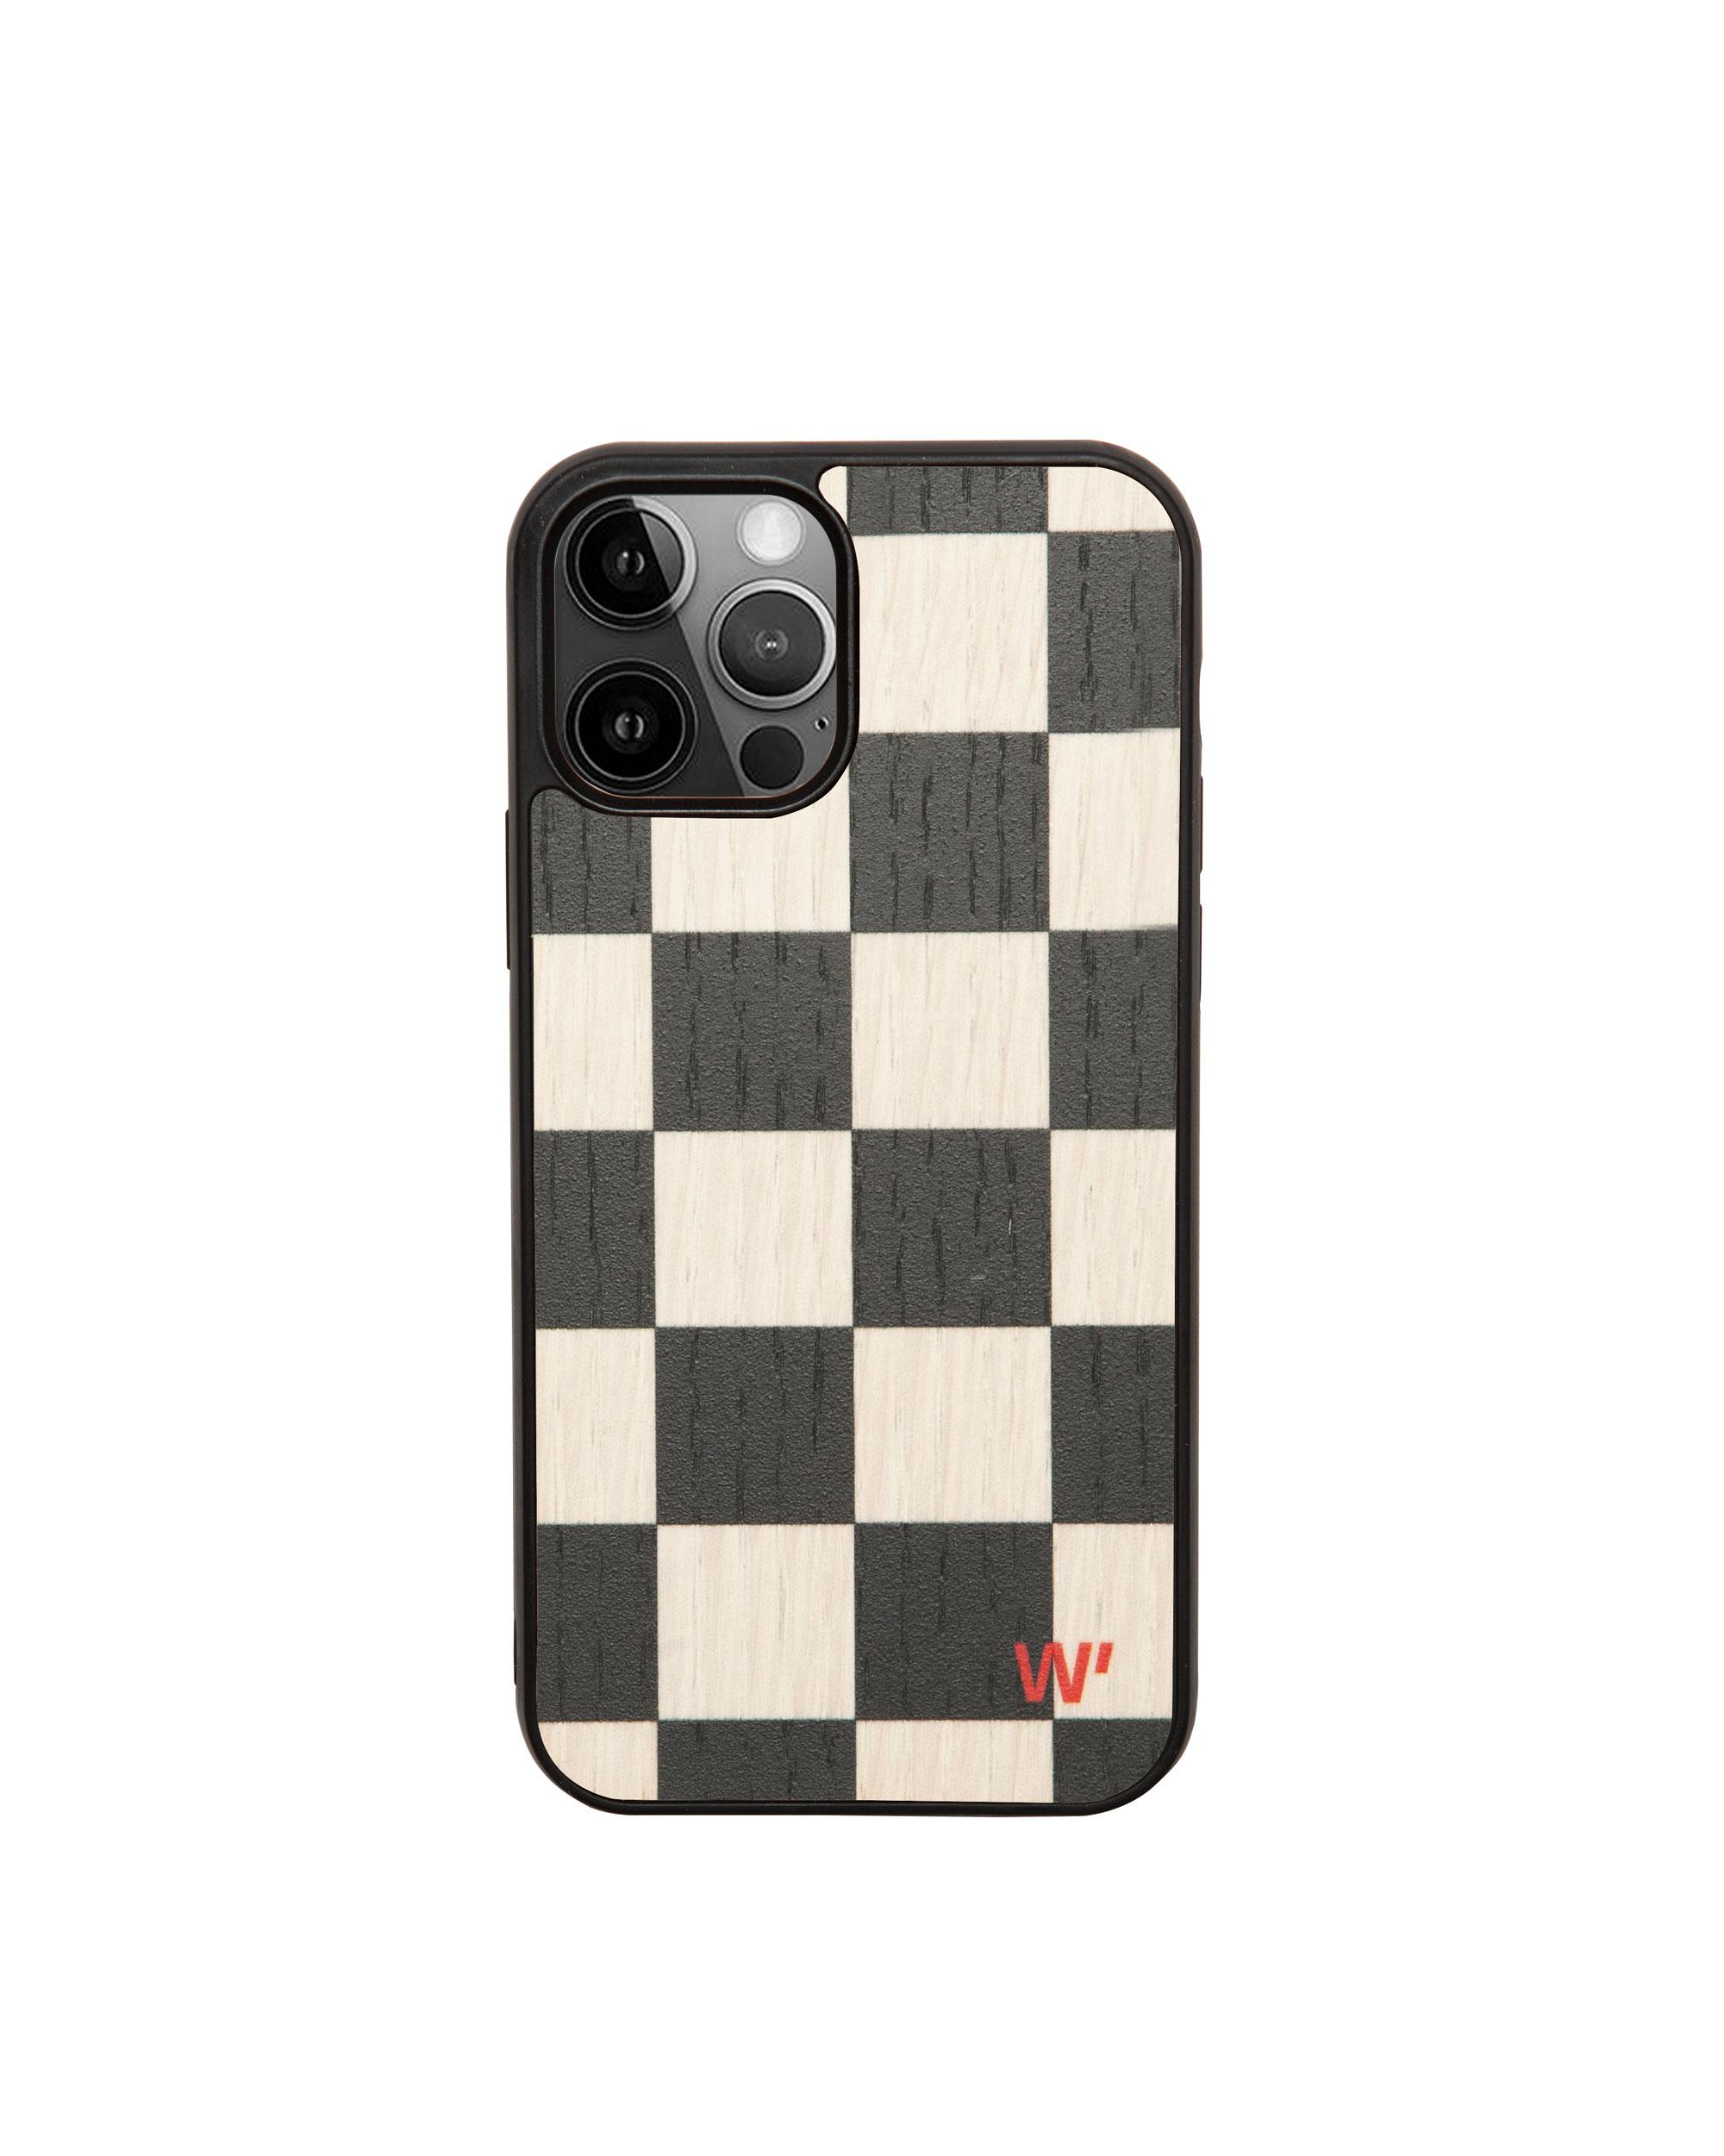 CHECK - Coque en bois pour iPhone 11 pro